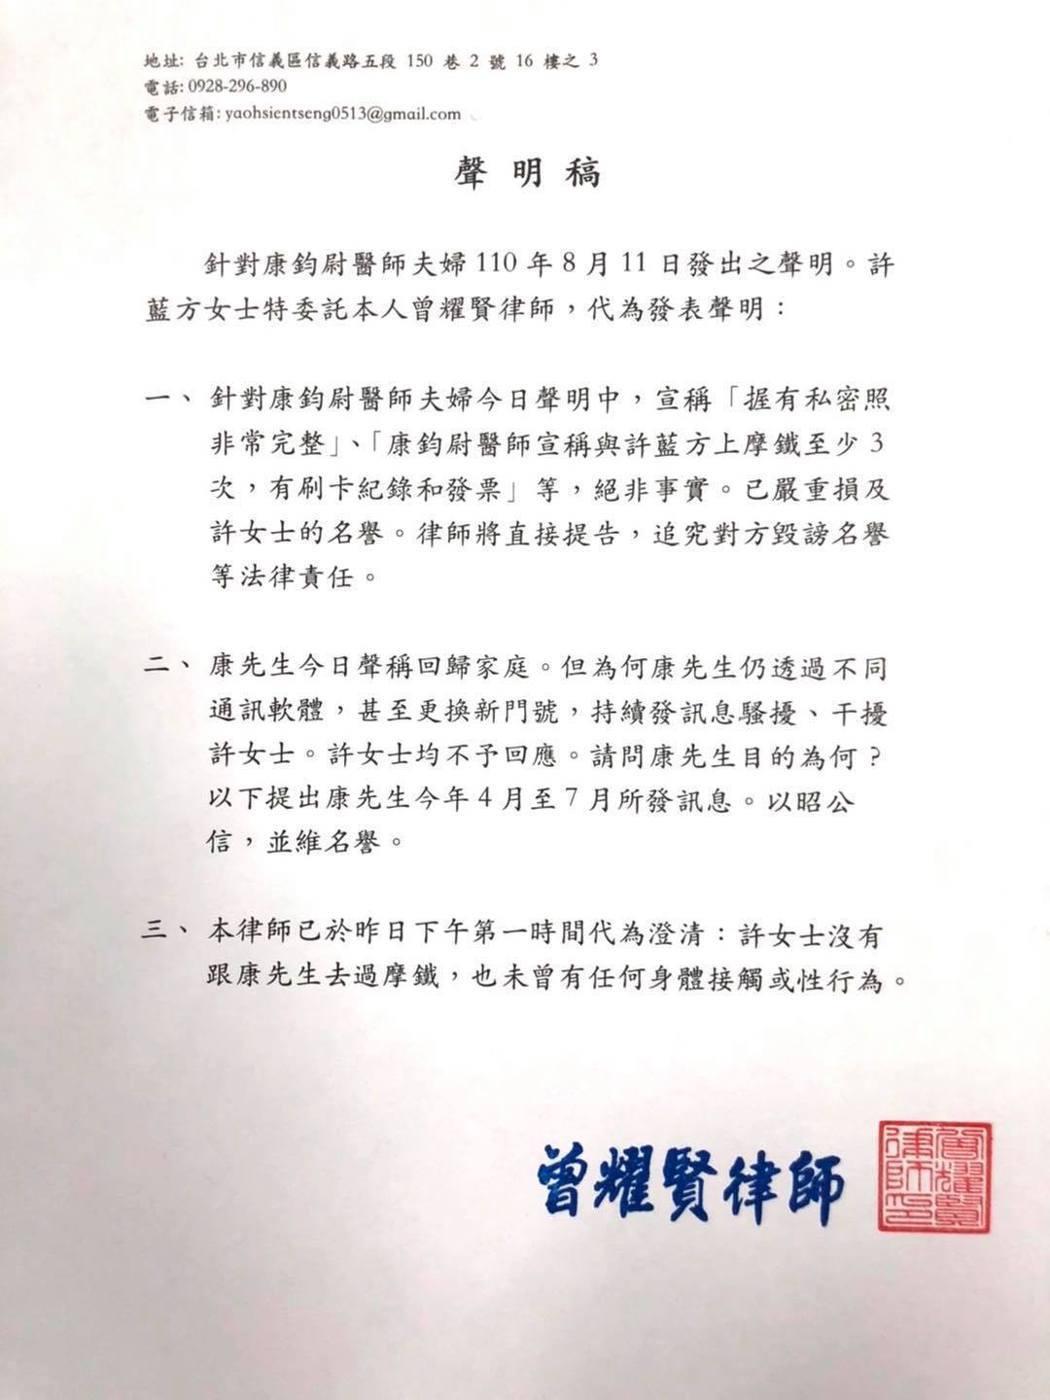 許藍方委請律師發出聲明稿。圖/摘自臉書